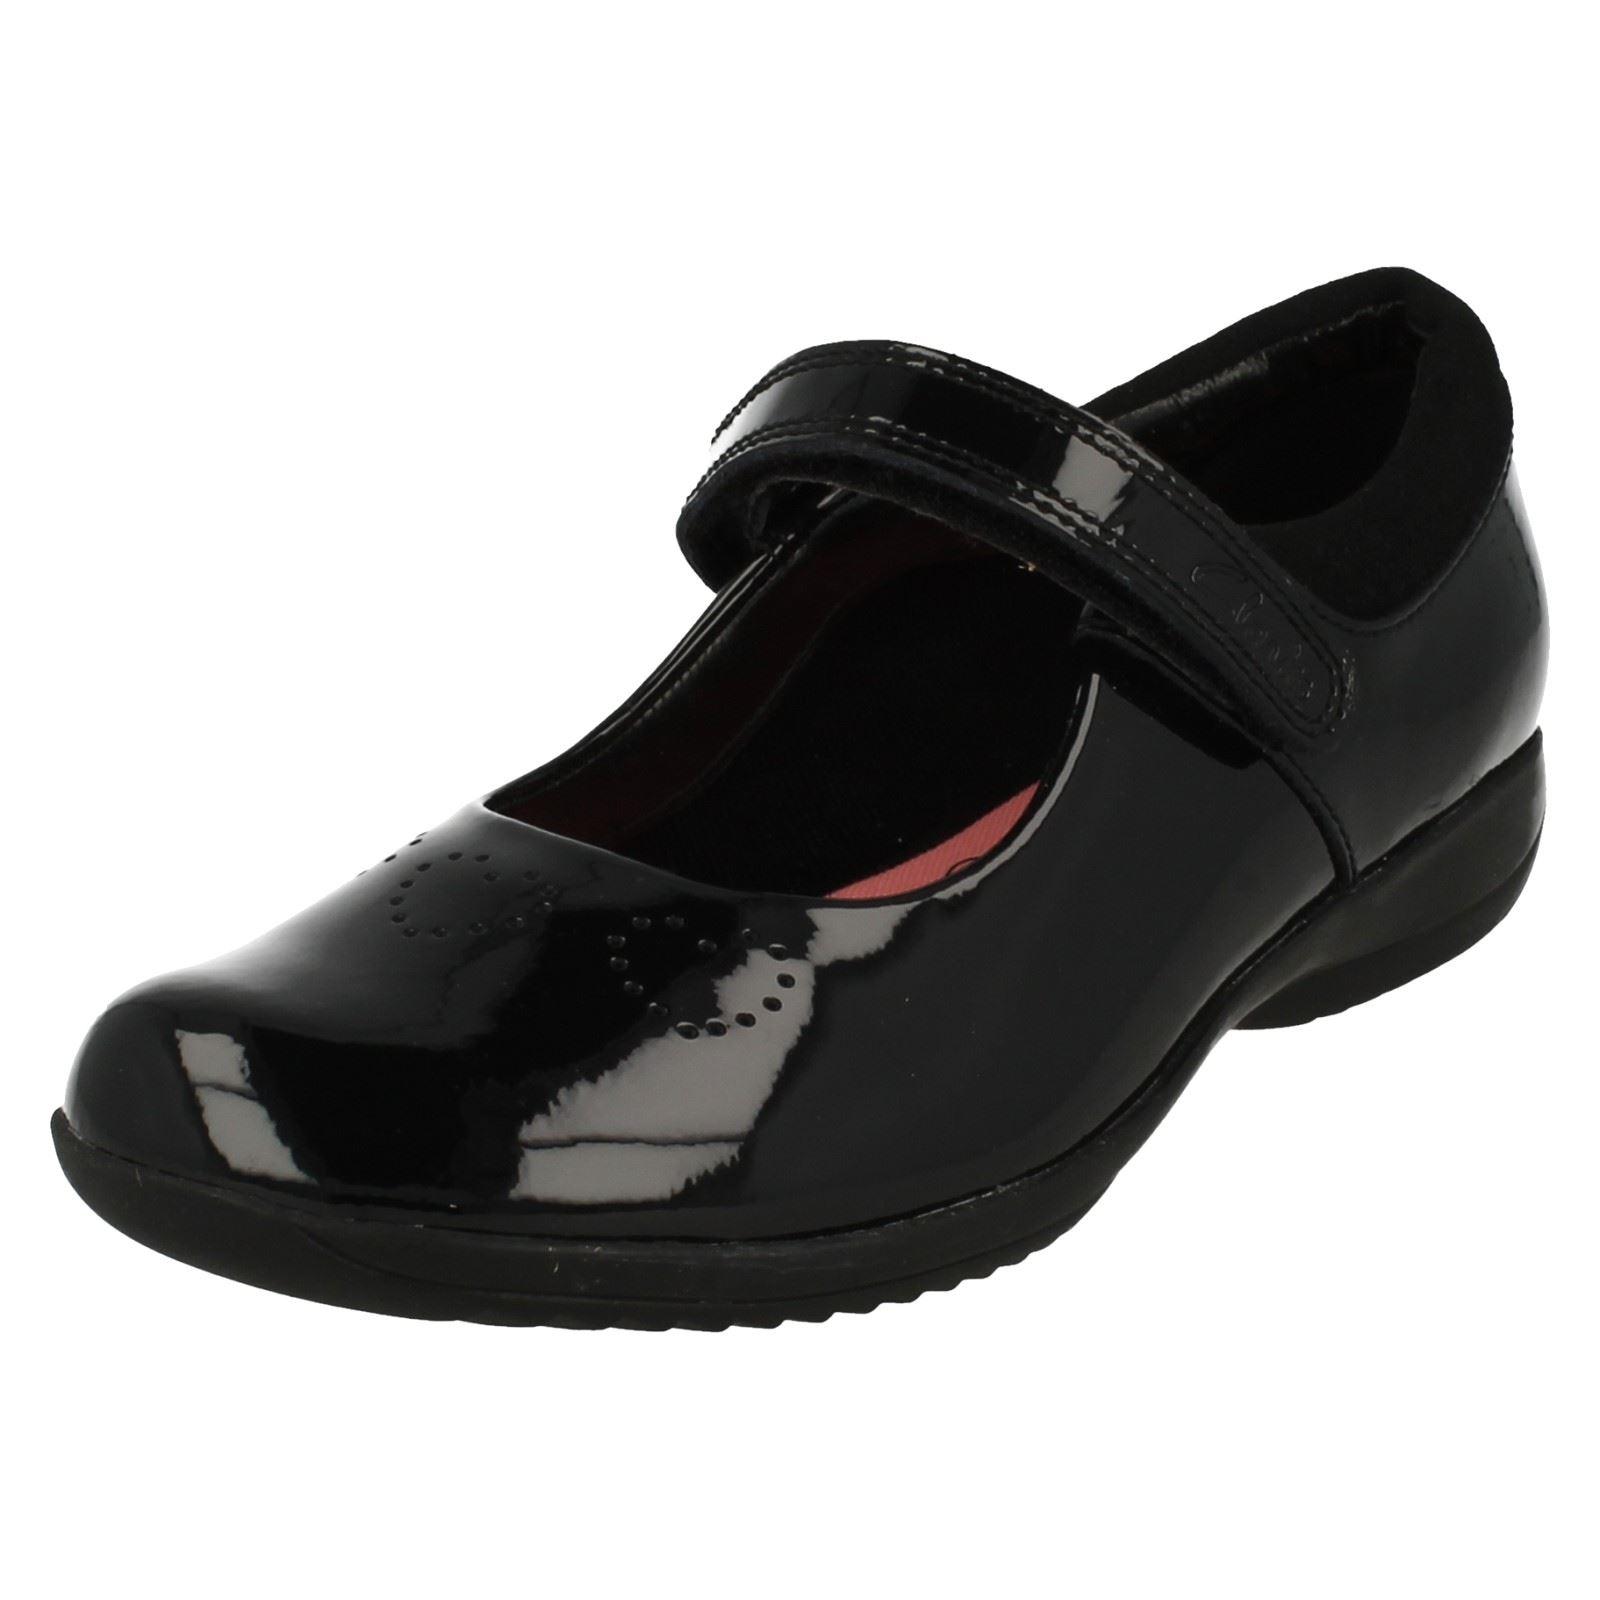 53383222e44 Image is loading 039-Girls-Clarks-039-School-Shoes-Friend-Fizz